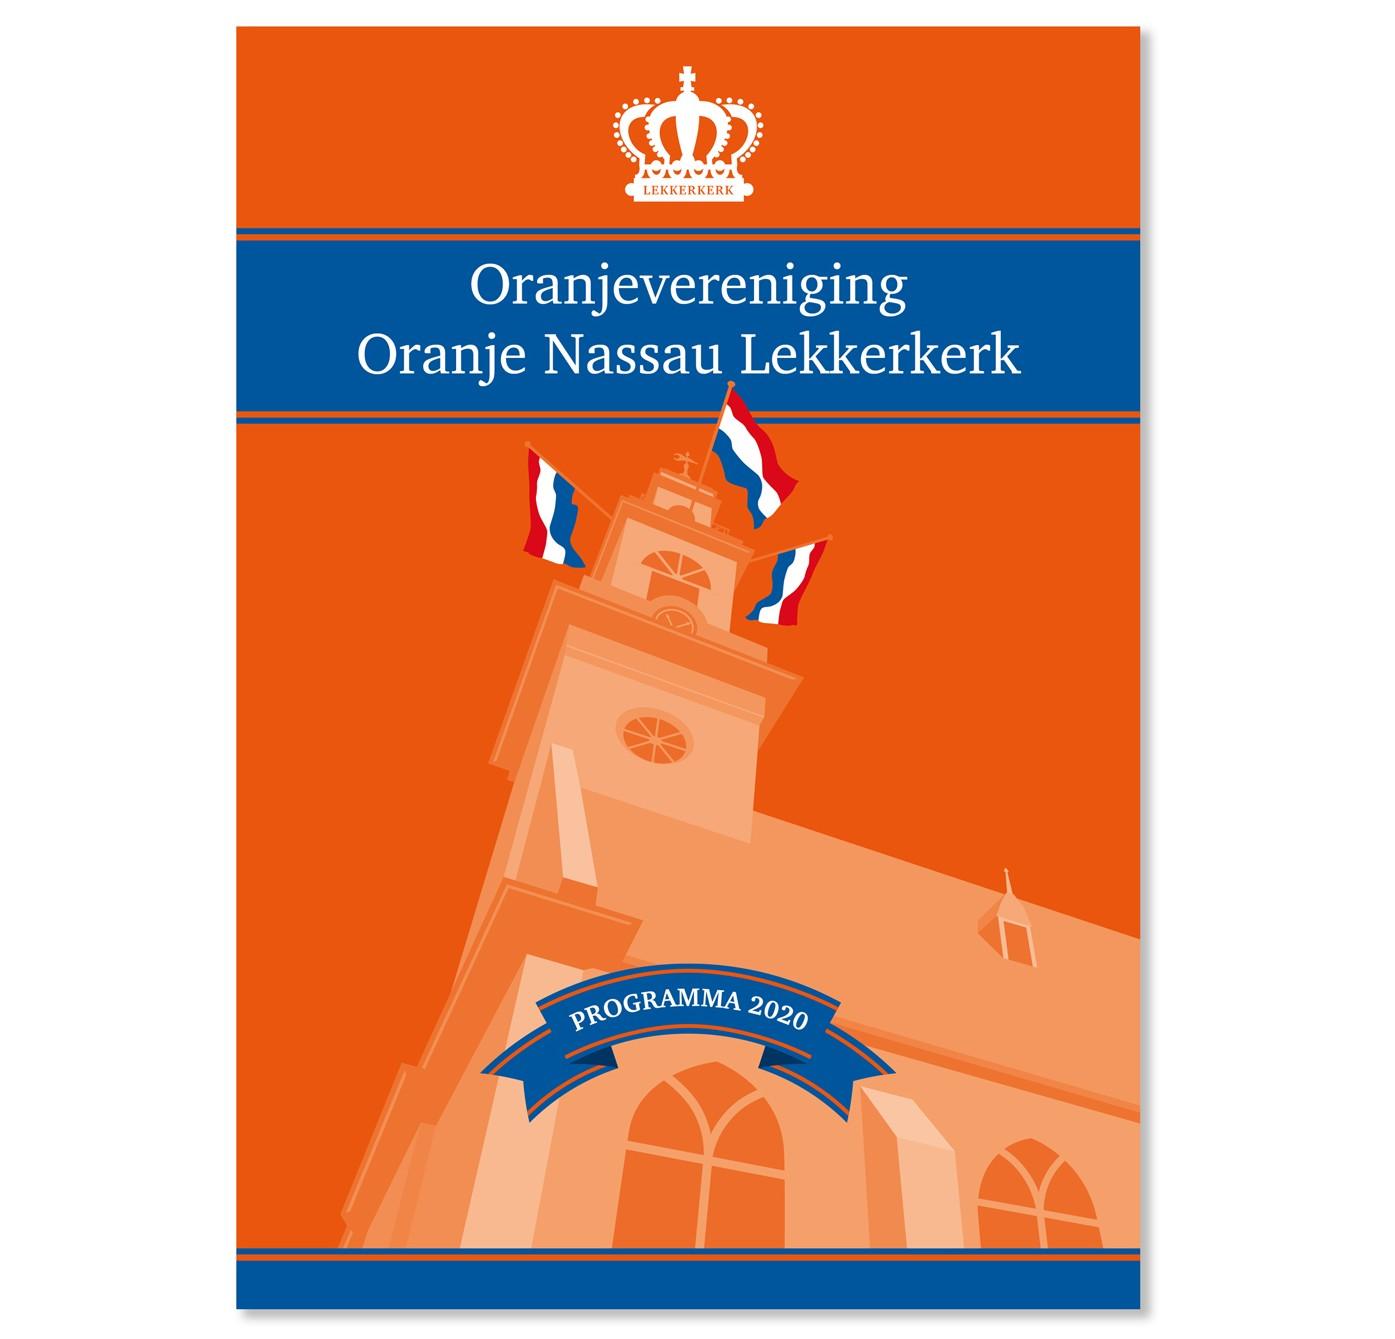 Cover_Boekje_Oranjevereniging_Lekkerkerk